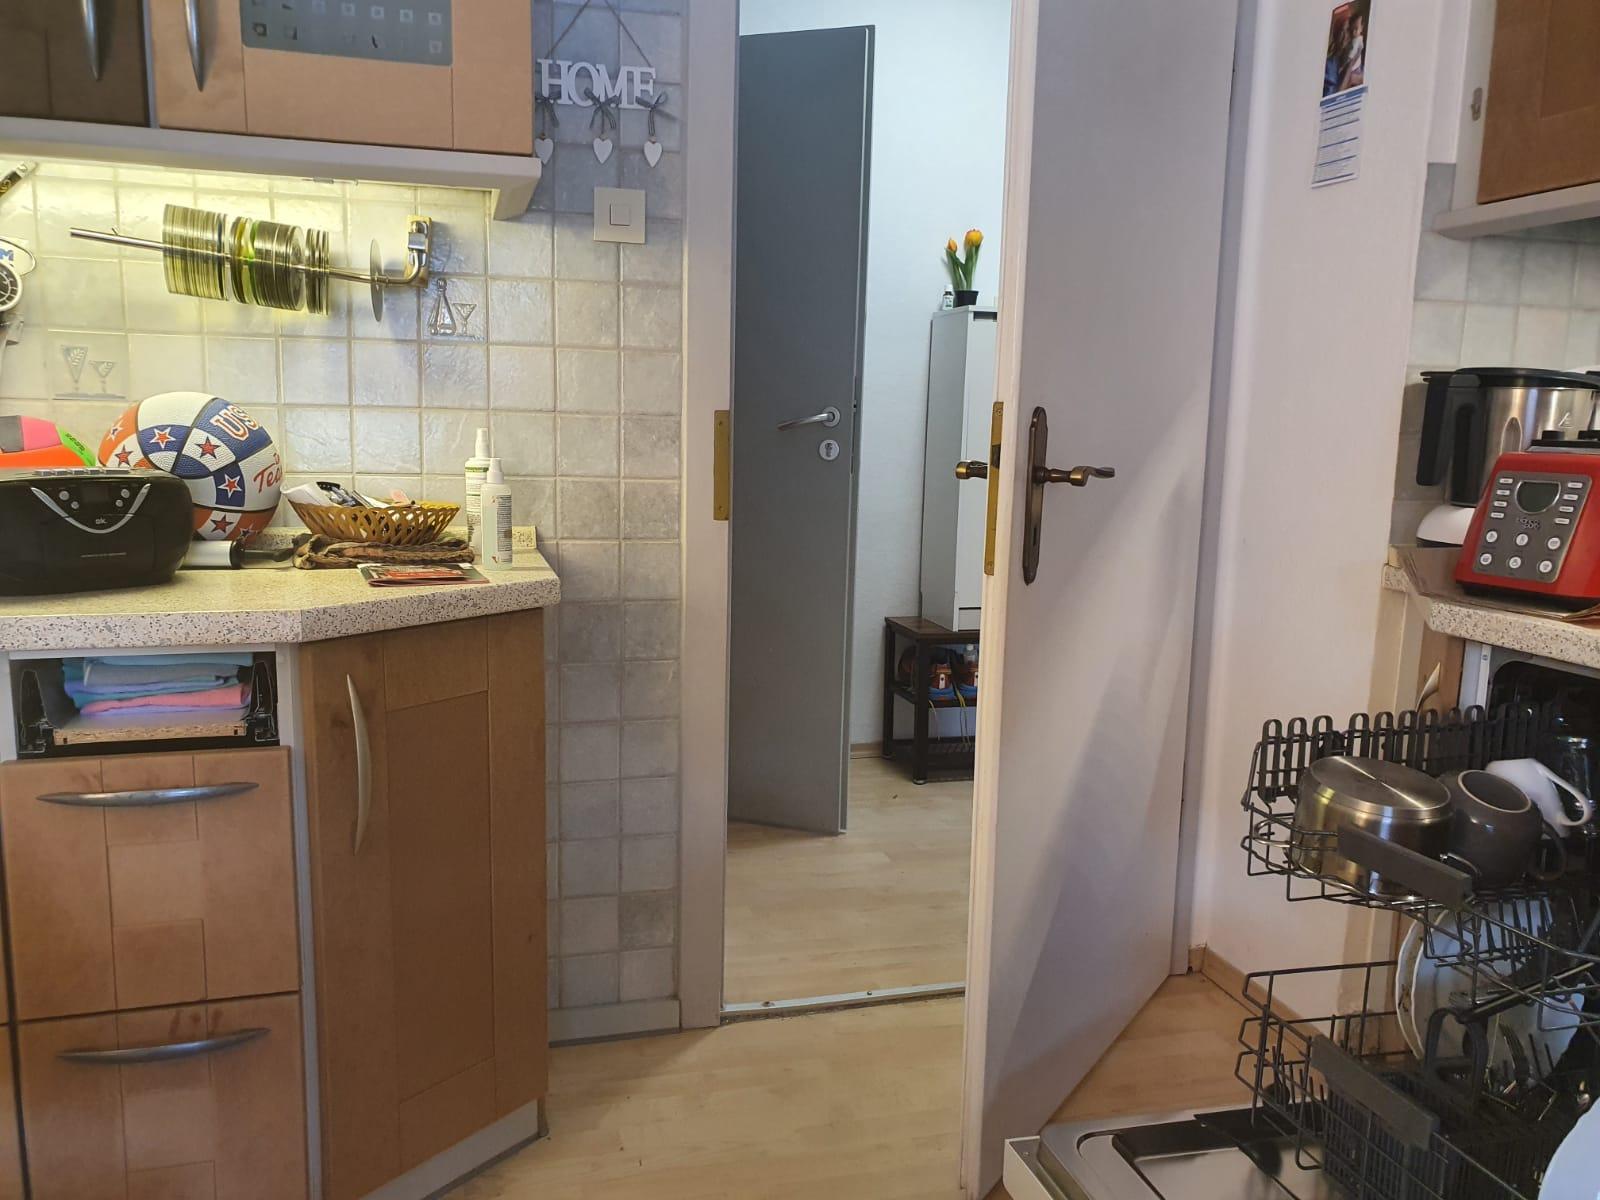 Eingang Küche mit Geschirrspülmaschine